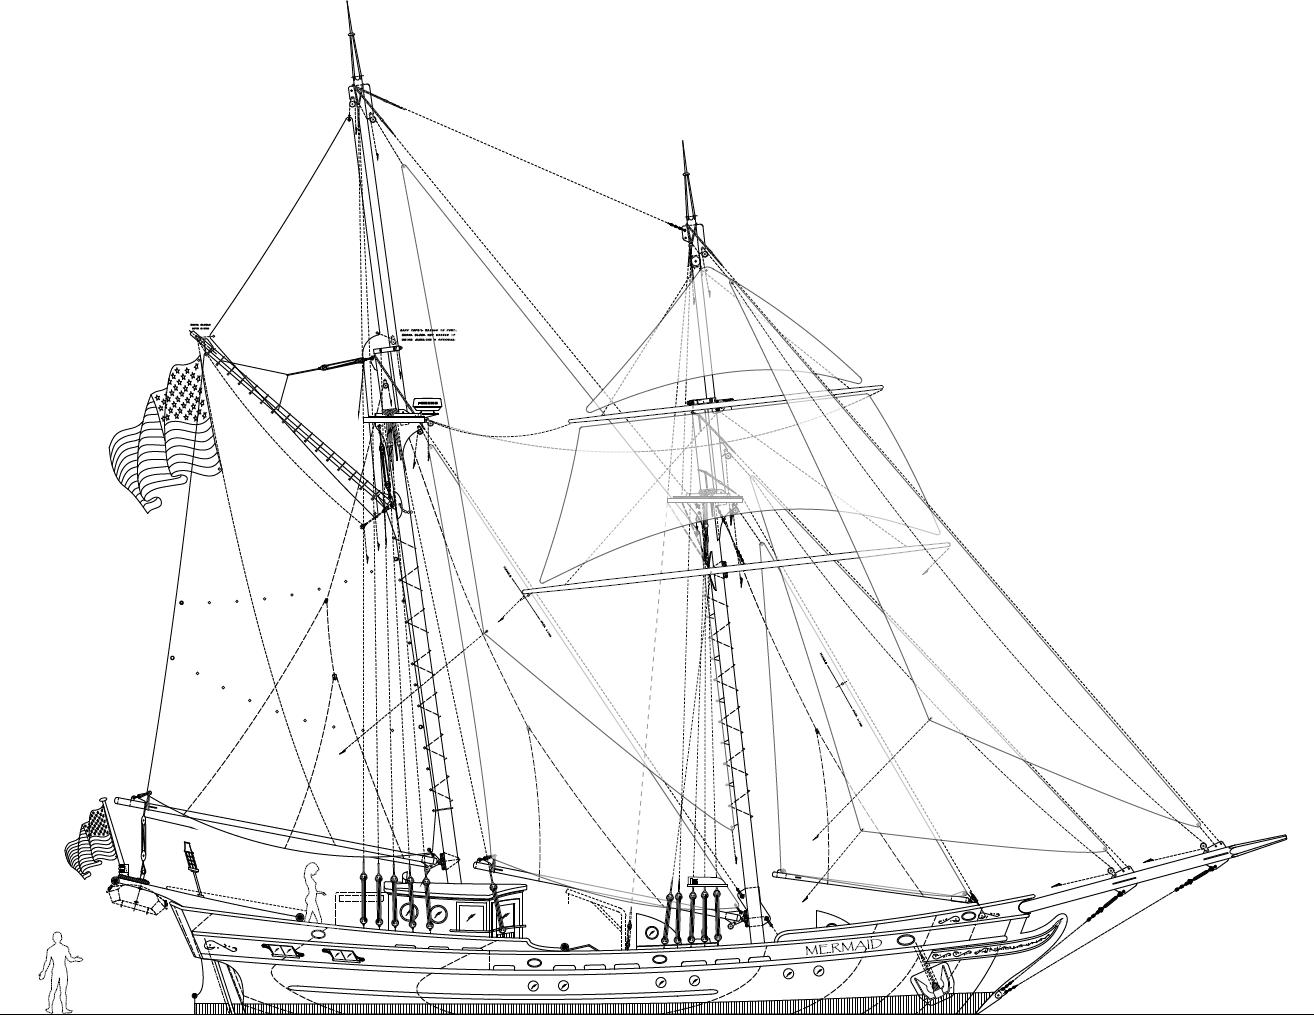 Brig Diagram